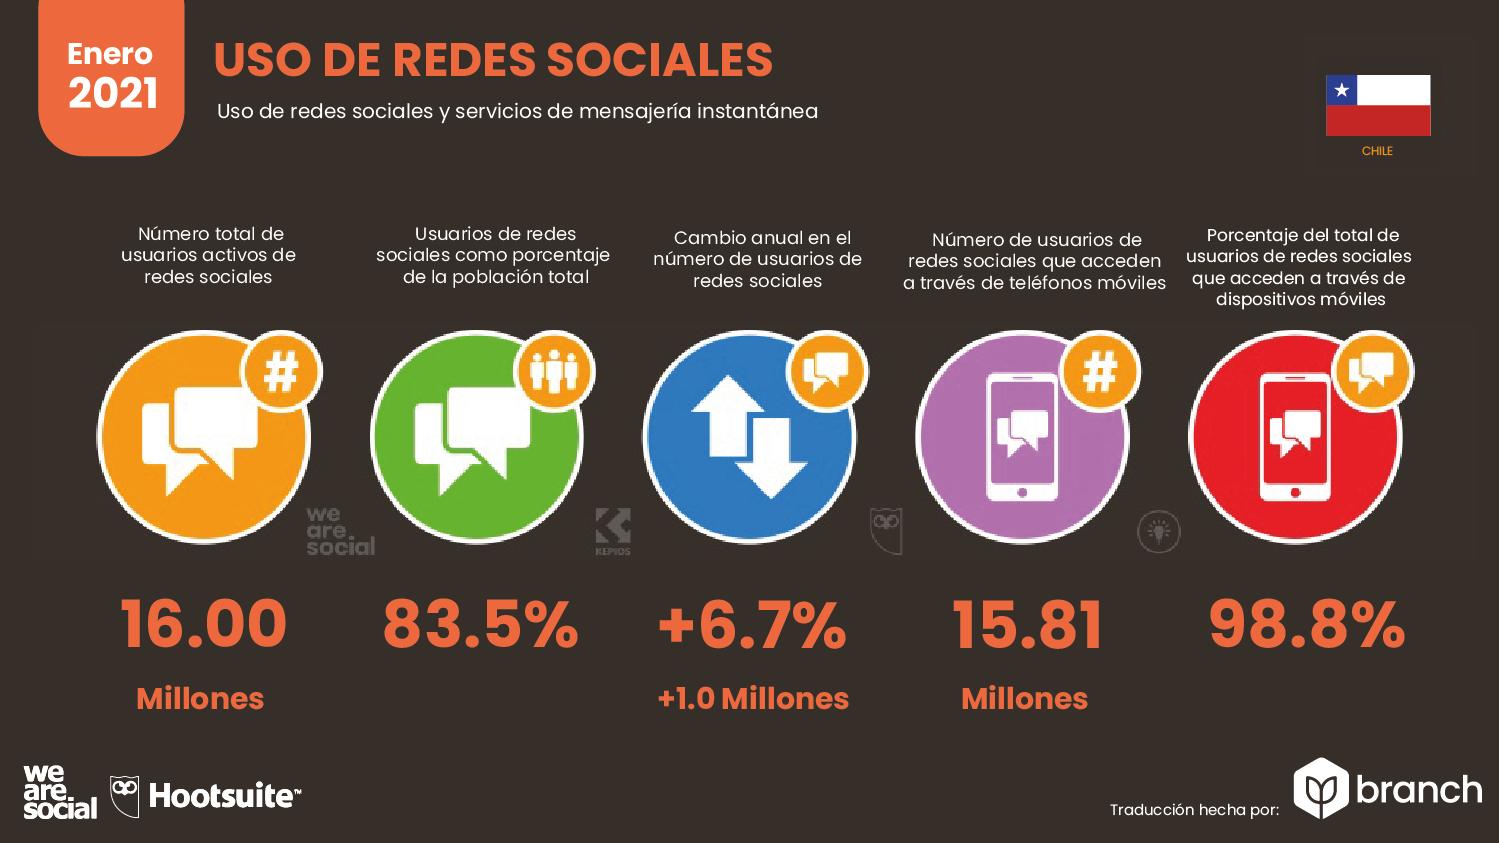 uso-de-redes-sociales-chile-2020-2021